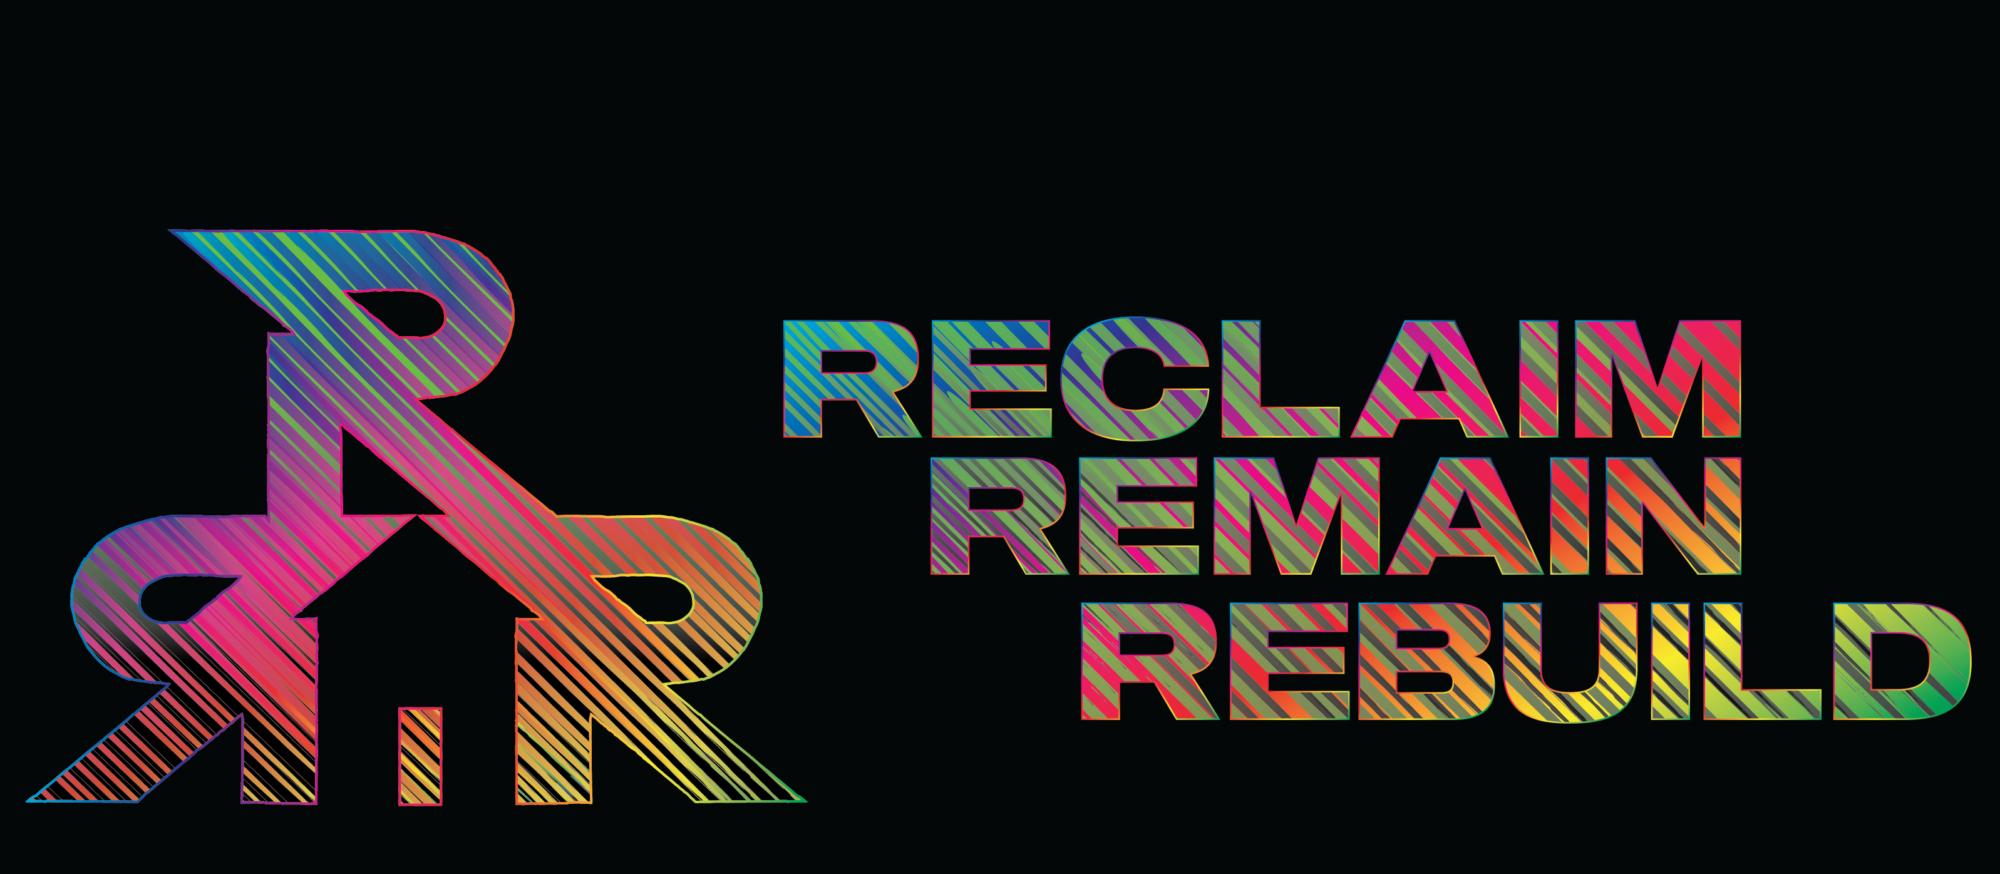 Reclaim, Remain, Rebuild